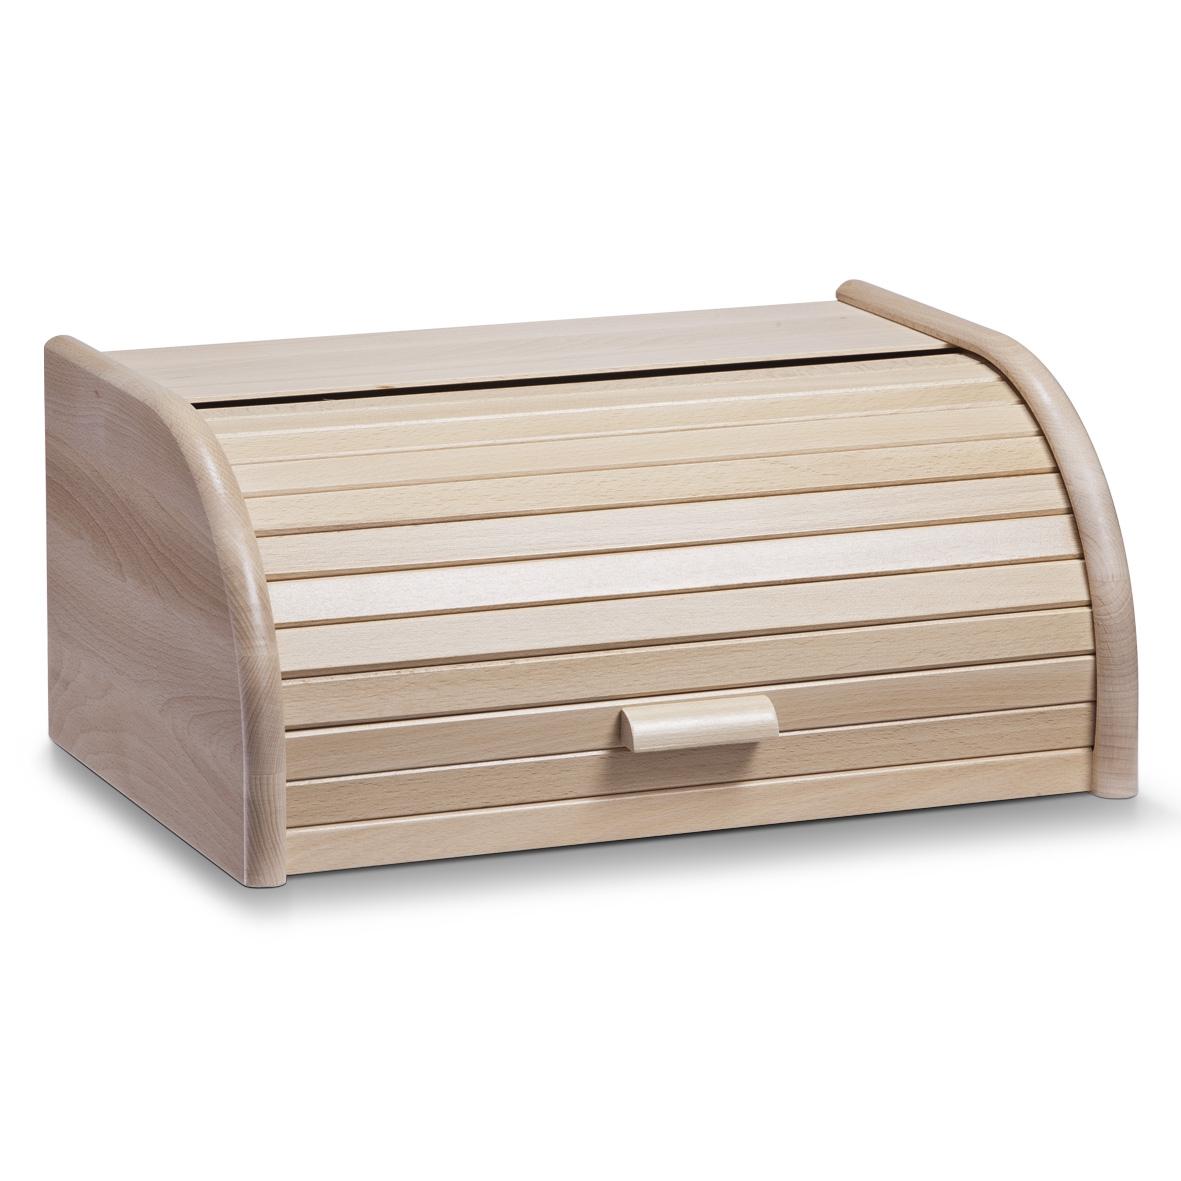 Cutie pentru paine, din lemn de fag, Natural, l40xA28xH18 cm imagine